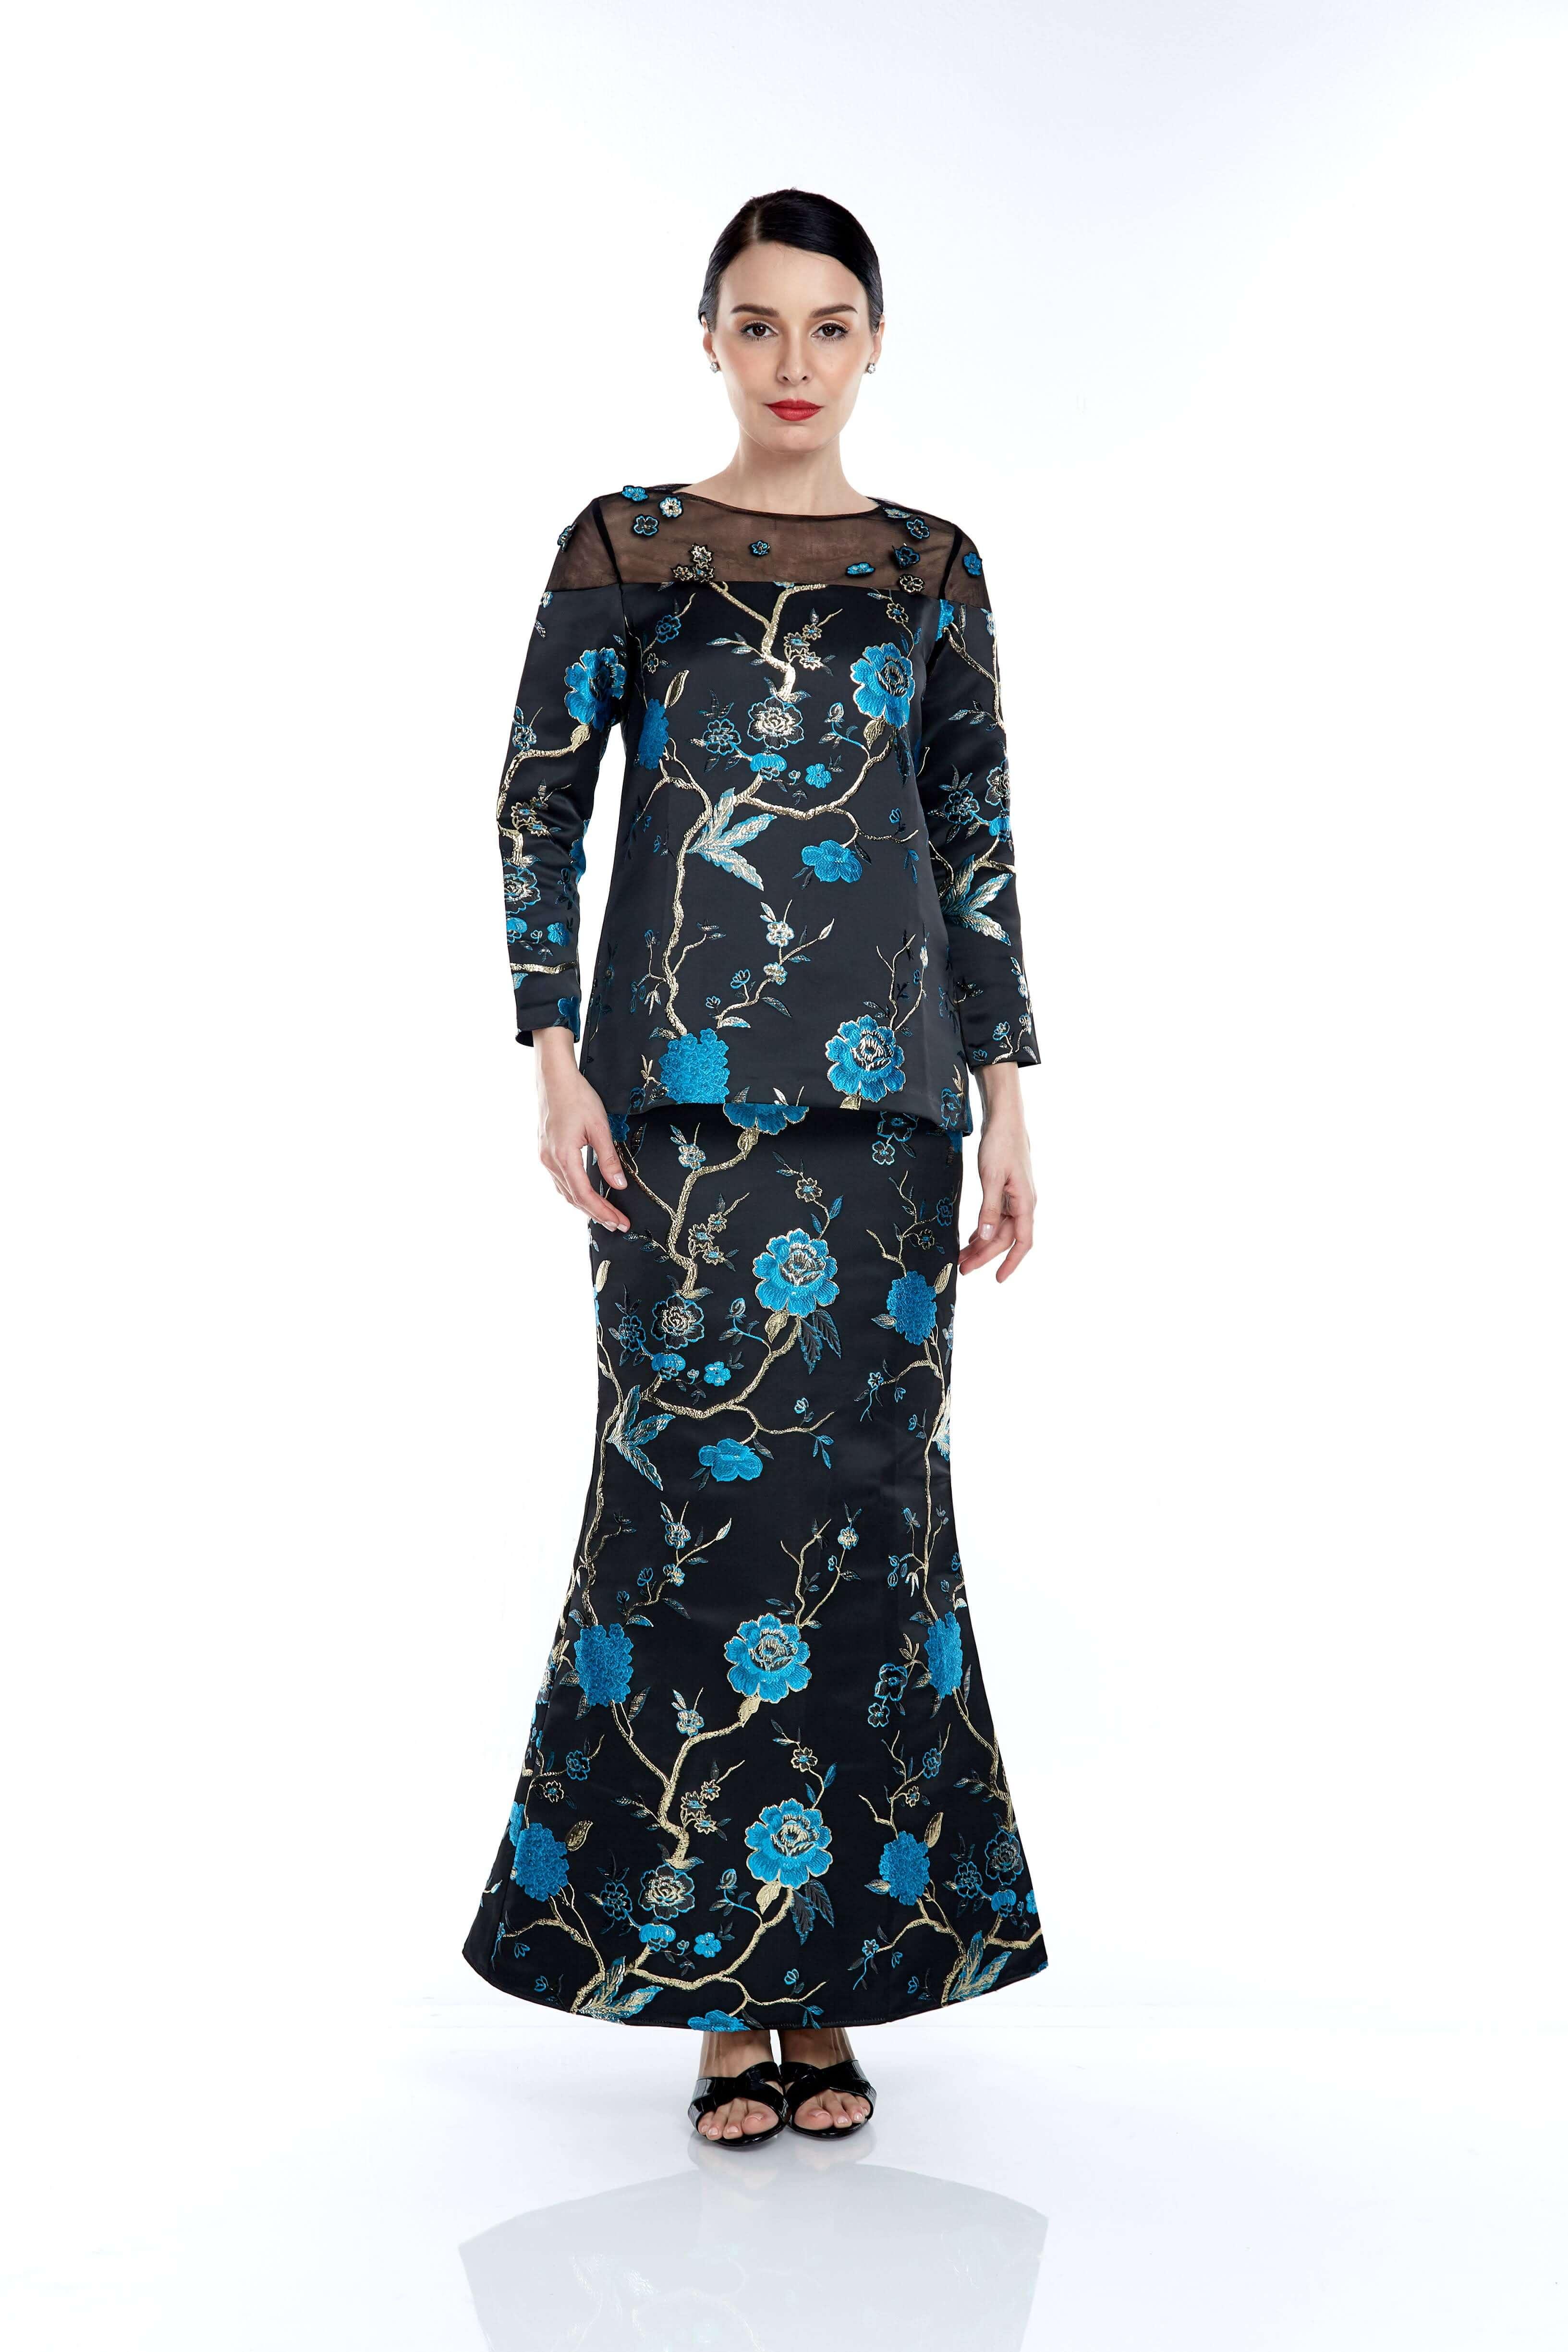 Black-Blue Floral Round Neck With See Through Neckline (4)